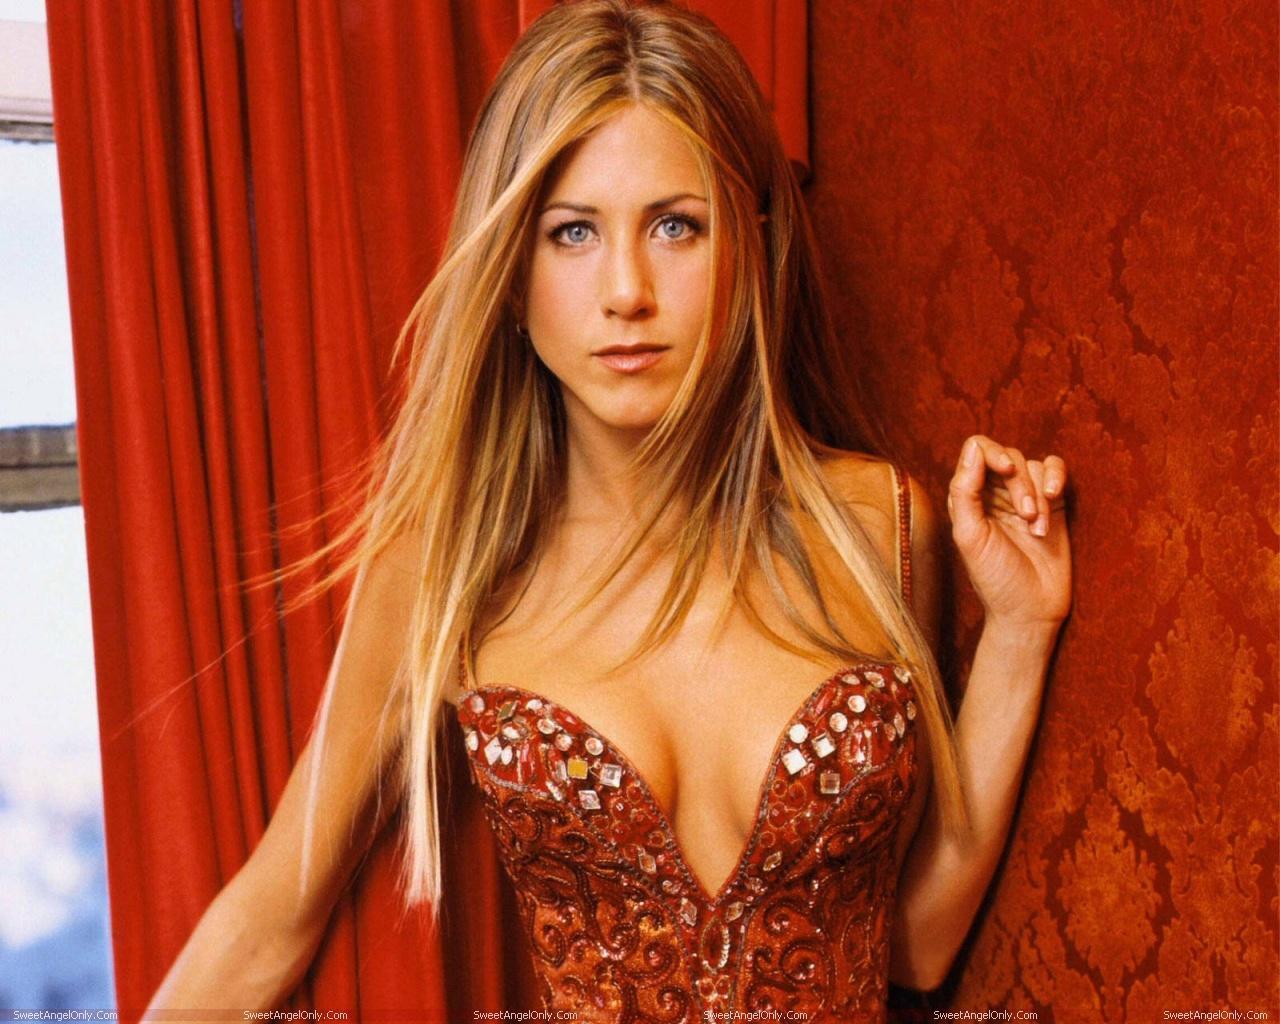 http://3.bp.blogspot.com/-HLeke4LbhVU/TWjPZhc2x3I/AAAAAAAAExs/r76kBSi44Hg/s1600/actress_jennifer_aniston_hot_wallpaper_08.jpg